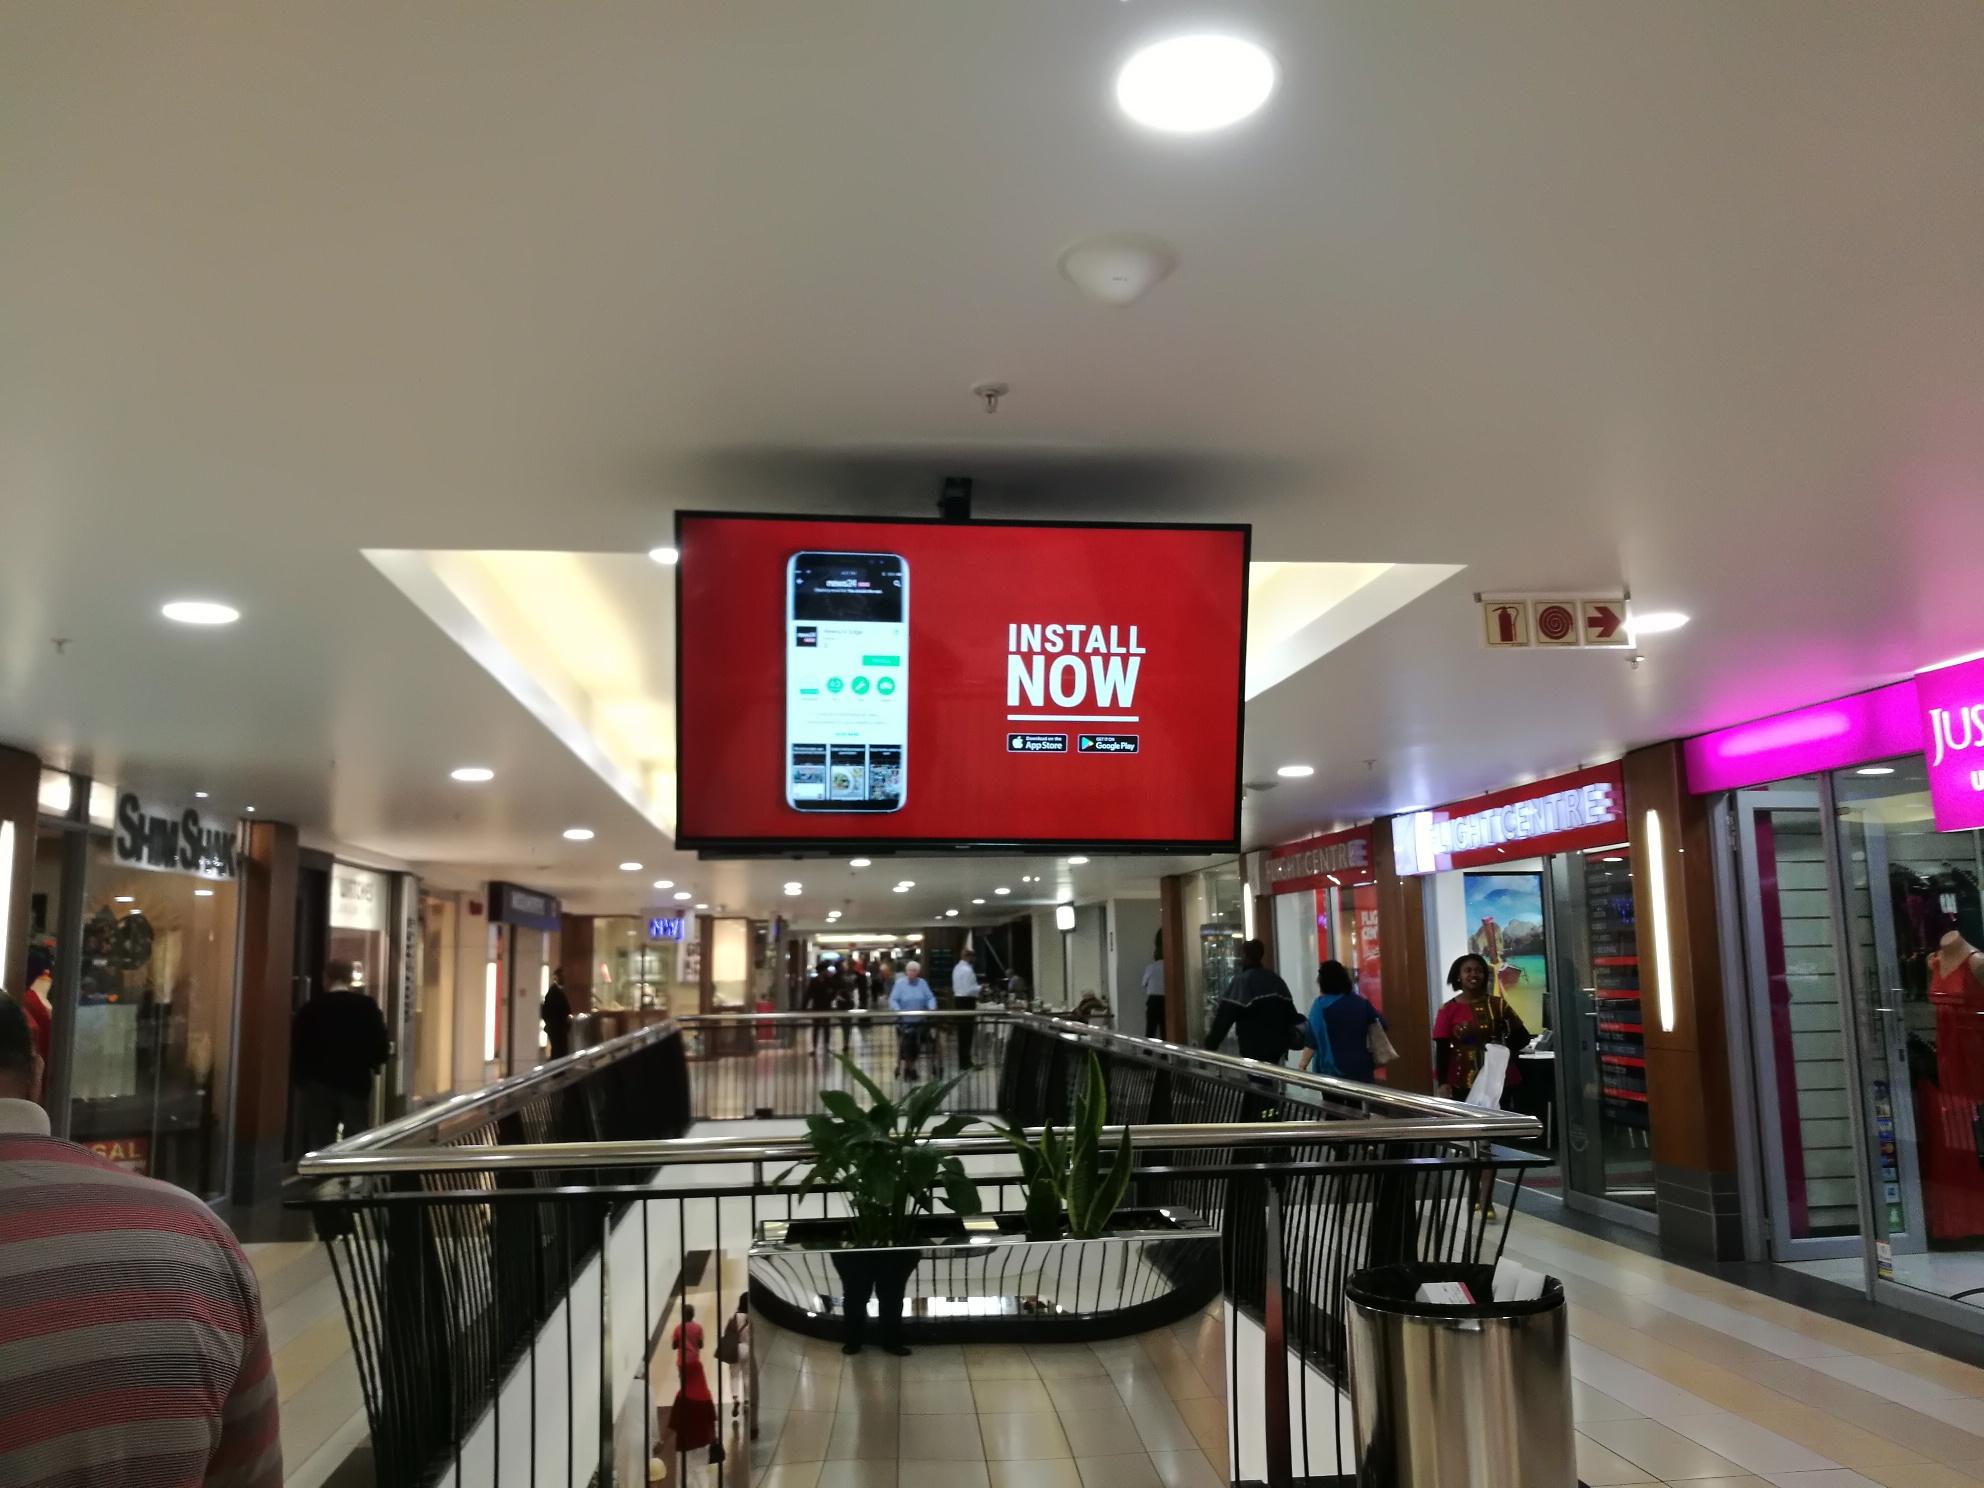 Mall TV Mall Advertising